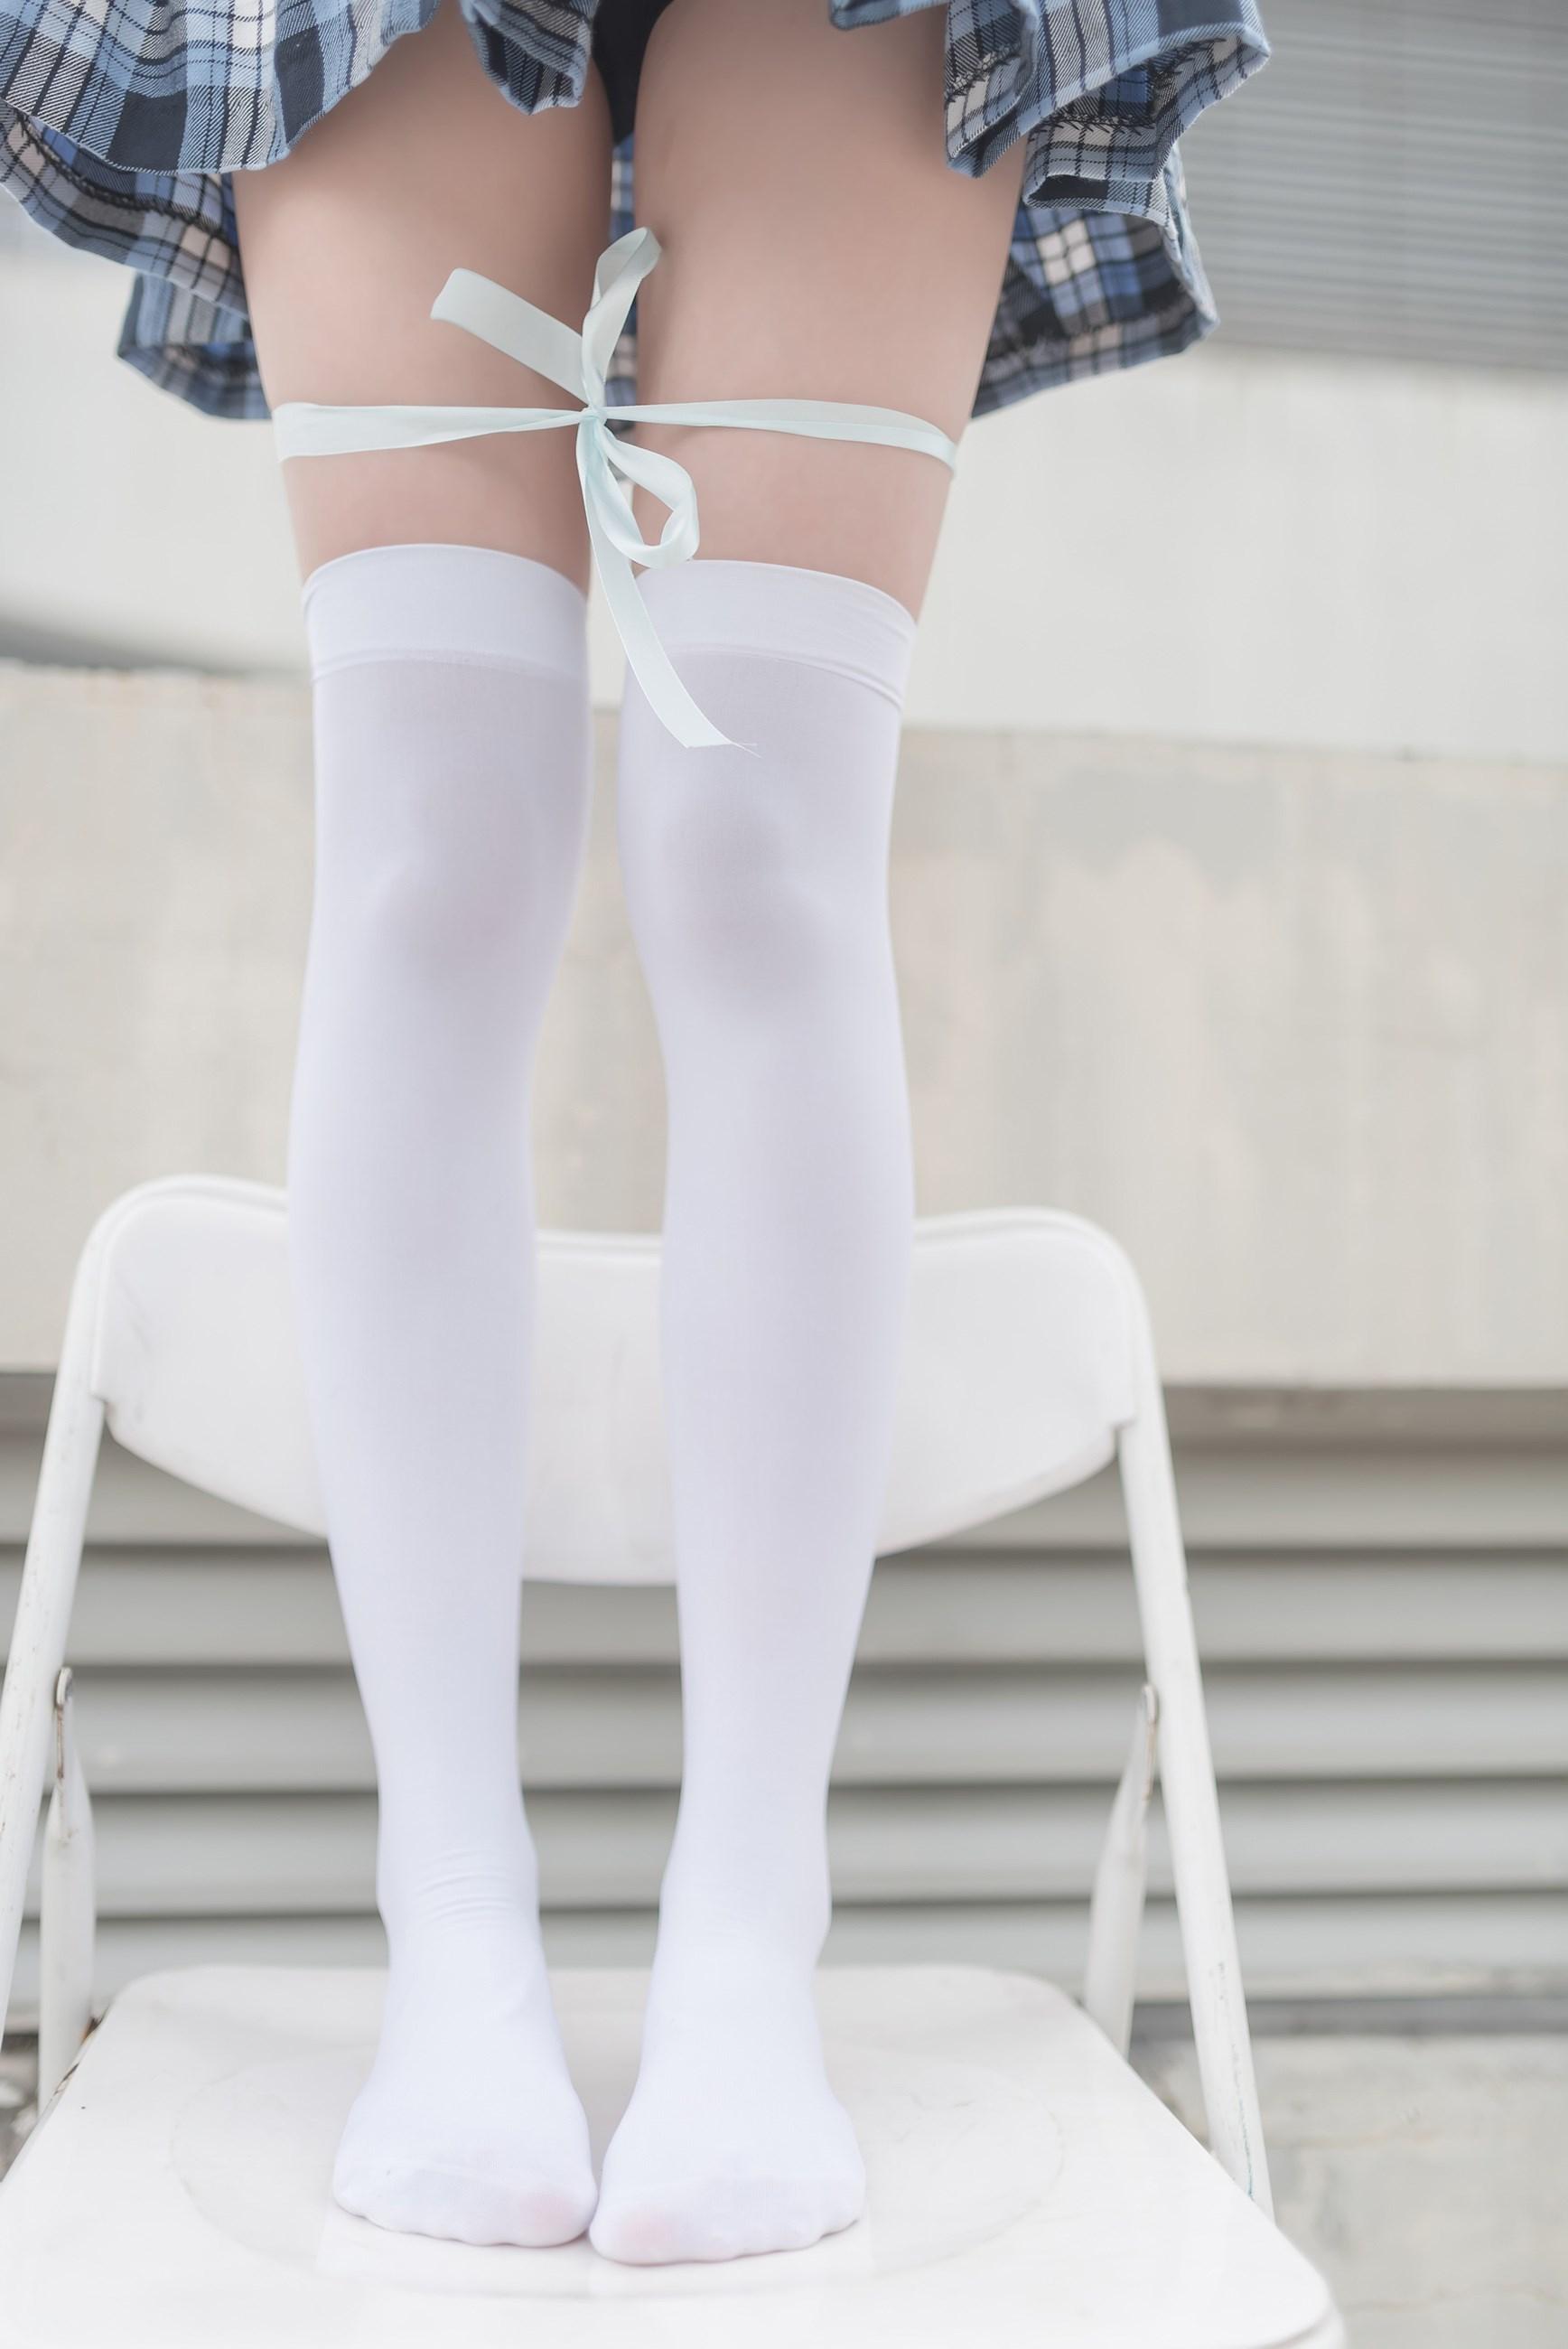 【兔玩映画】白丝格裙 兔玩映画 第4张